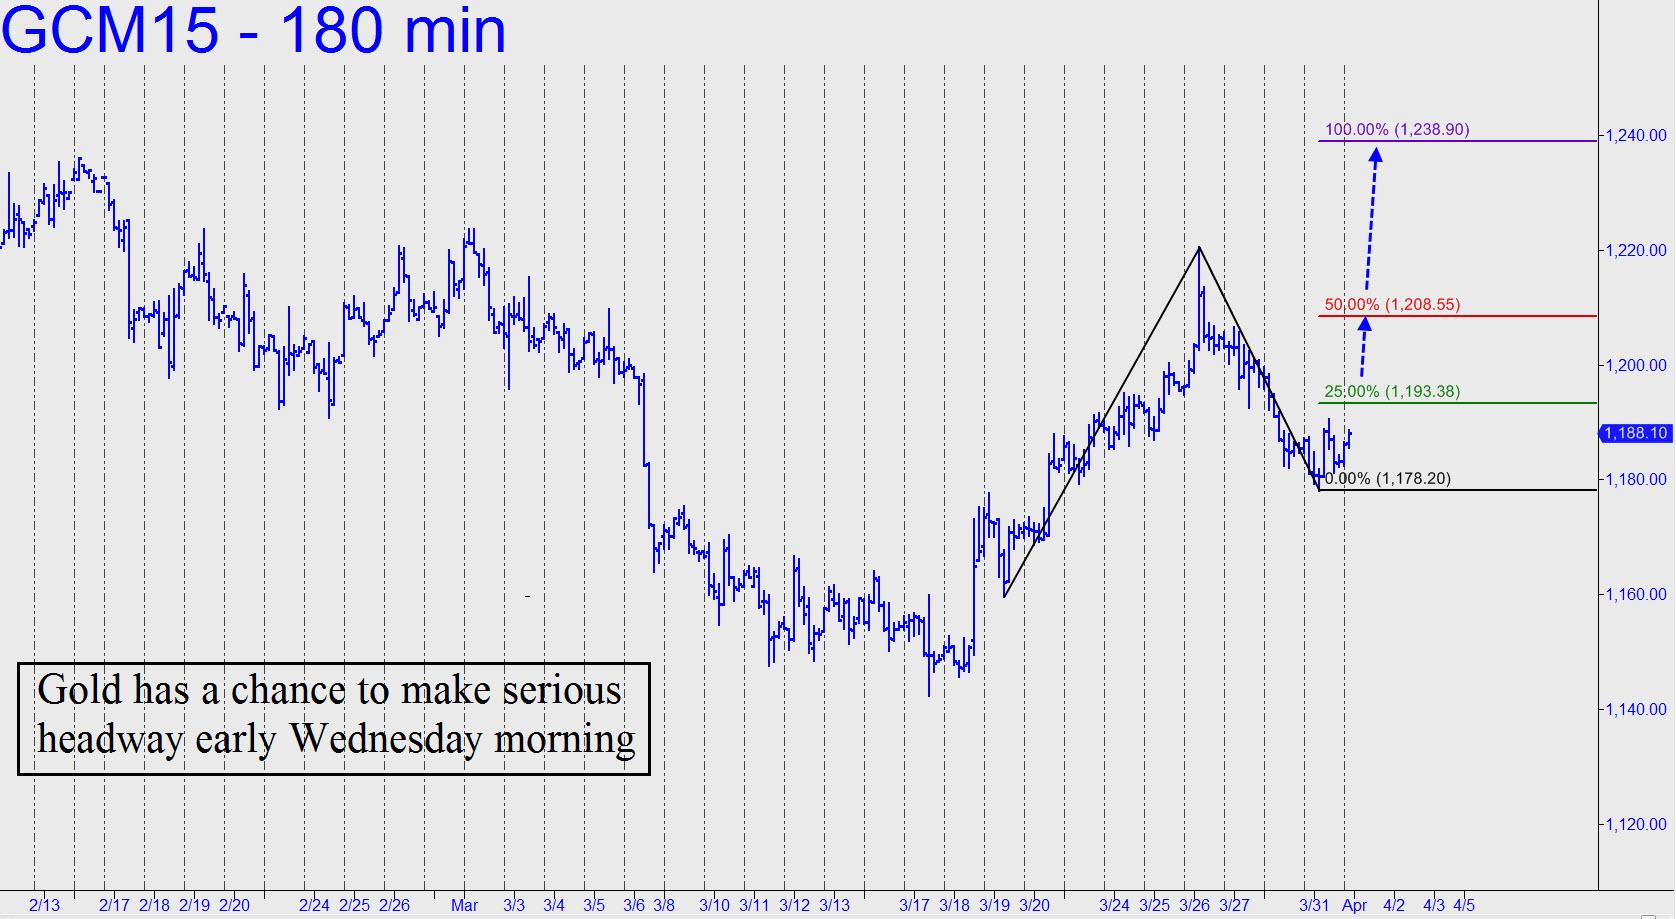 prix de l'or, de l'argent et des minières / suivi 2015 et ultérieurement - Page 2 Gold-has-a-chance-to-make-serious-headway